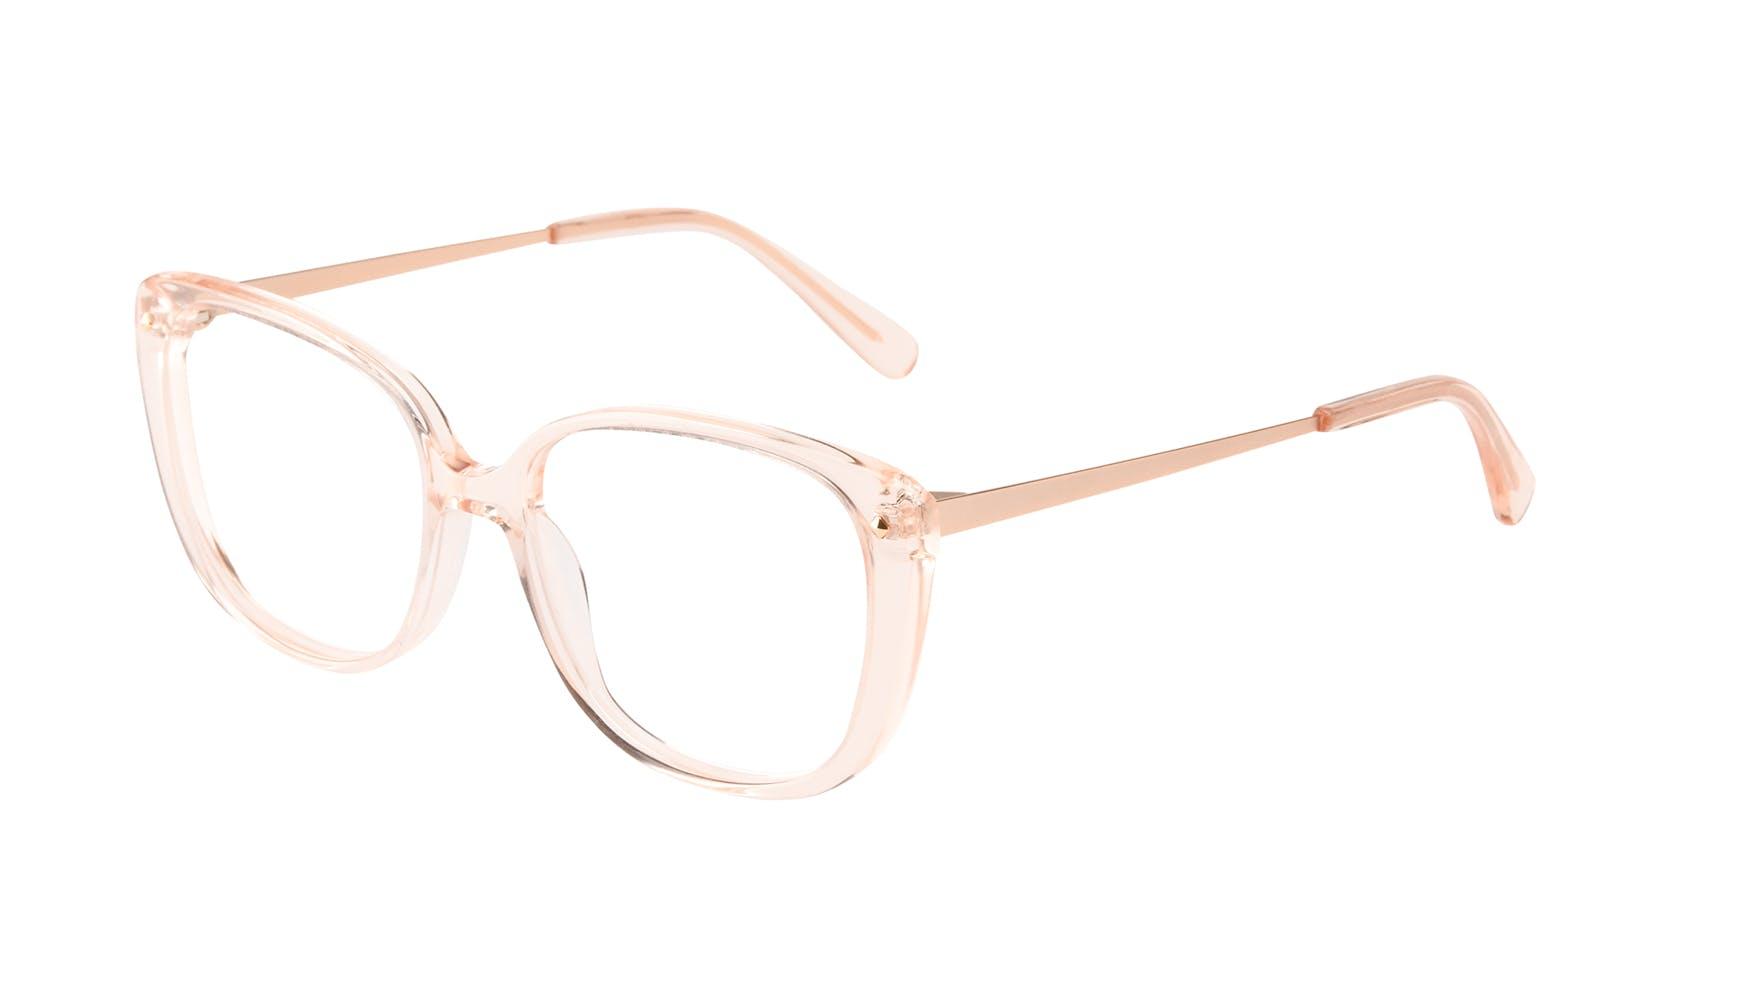 Lunettes tendance Carrée Lunettes de vue Femmes Japonisme Blond Incliné